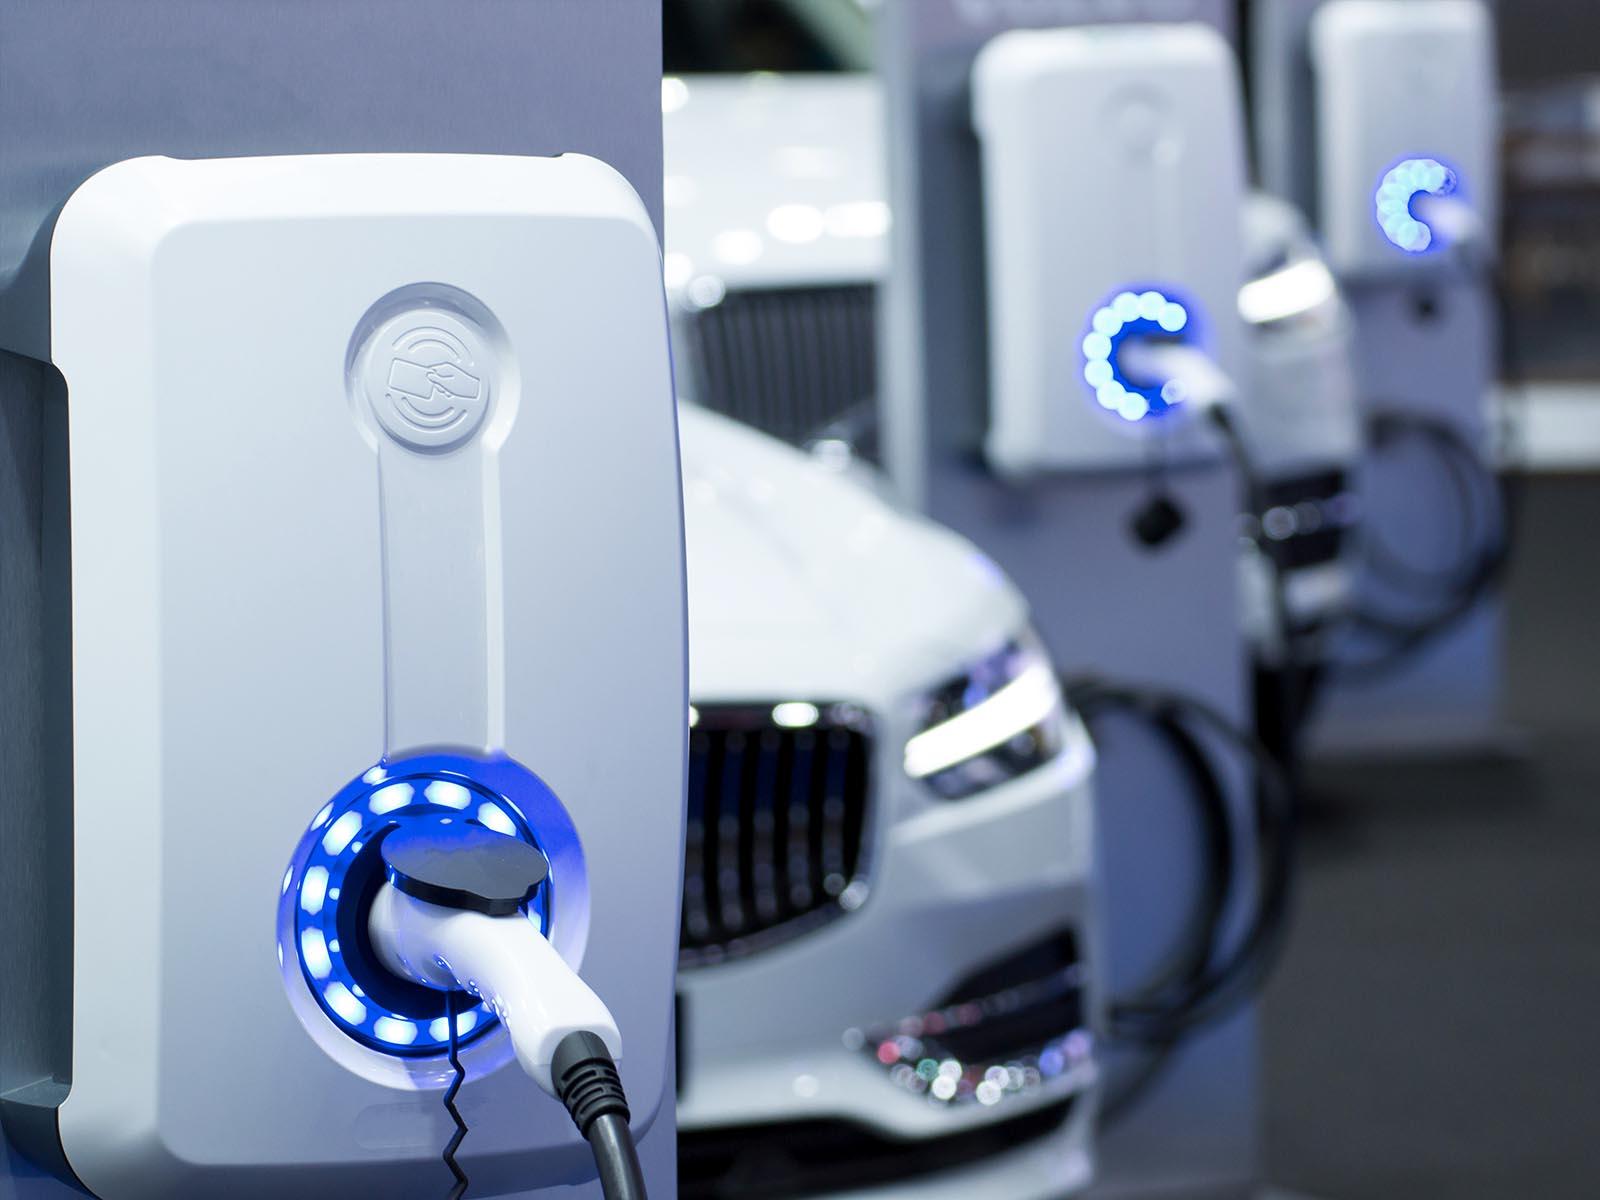 2025 तक राज्य में 10 प्रतिशत इलेक्ट्रिक व्हीकल का लक्ष्य, मुंबई में बनेंगे 1500 से ज्यादा चार्जिंग स्टेशन, गाड़ी खरीदने वालों को होगा यह फायदा|महाराष्ट्र,Maharashtra - Dainik Bhaskar